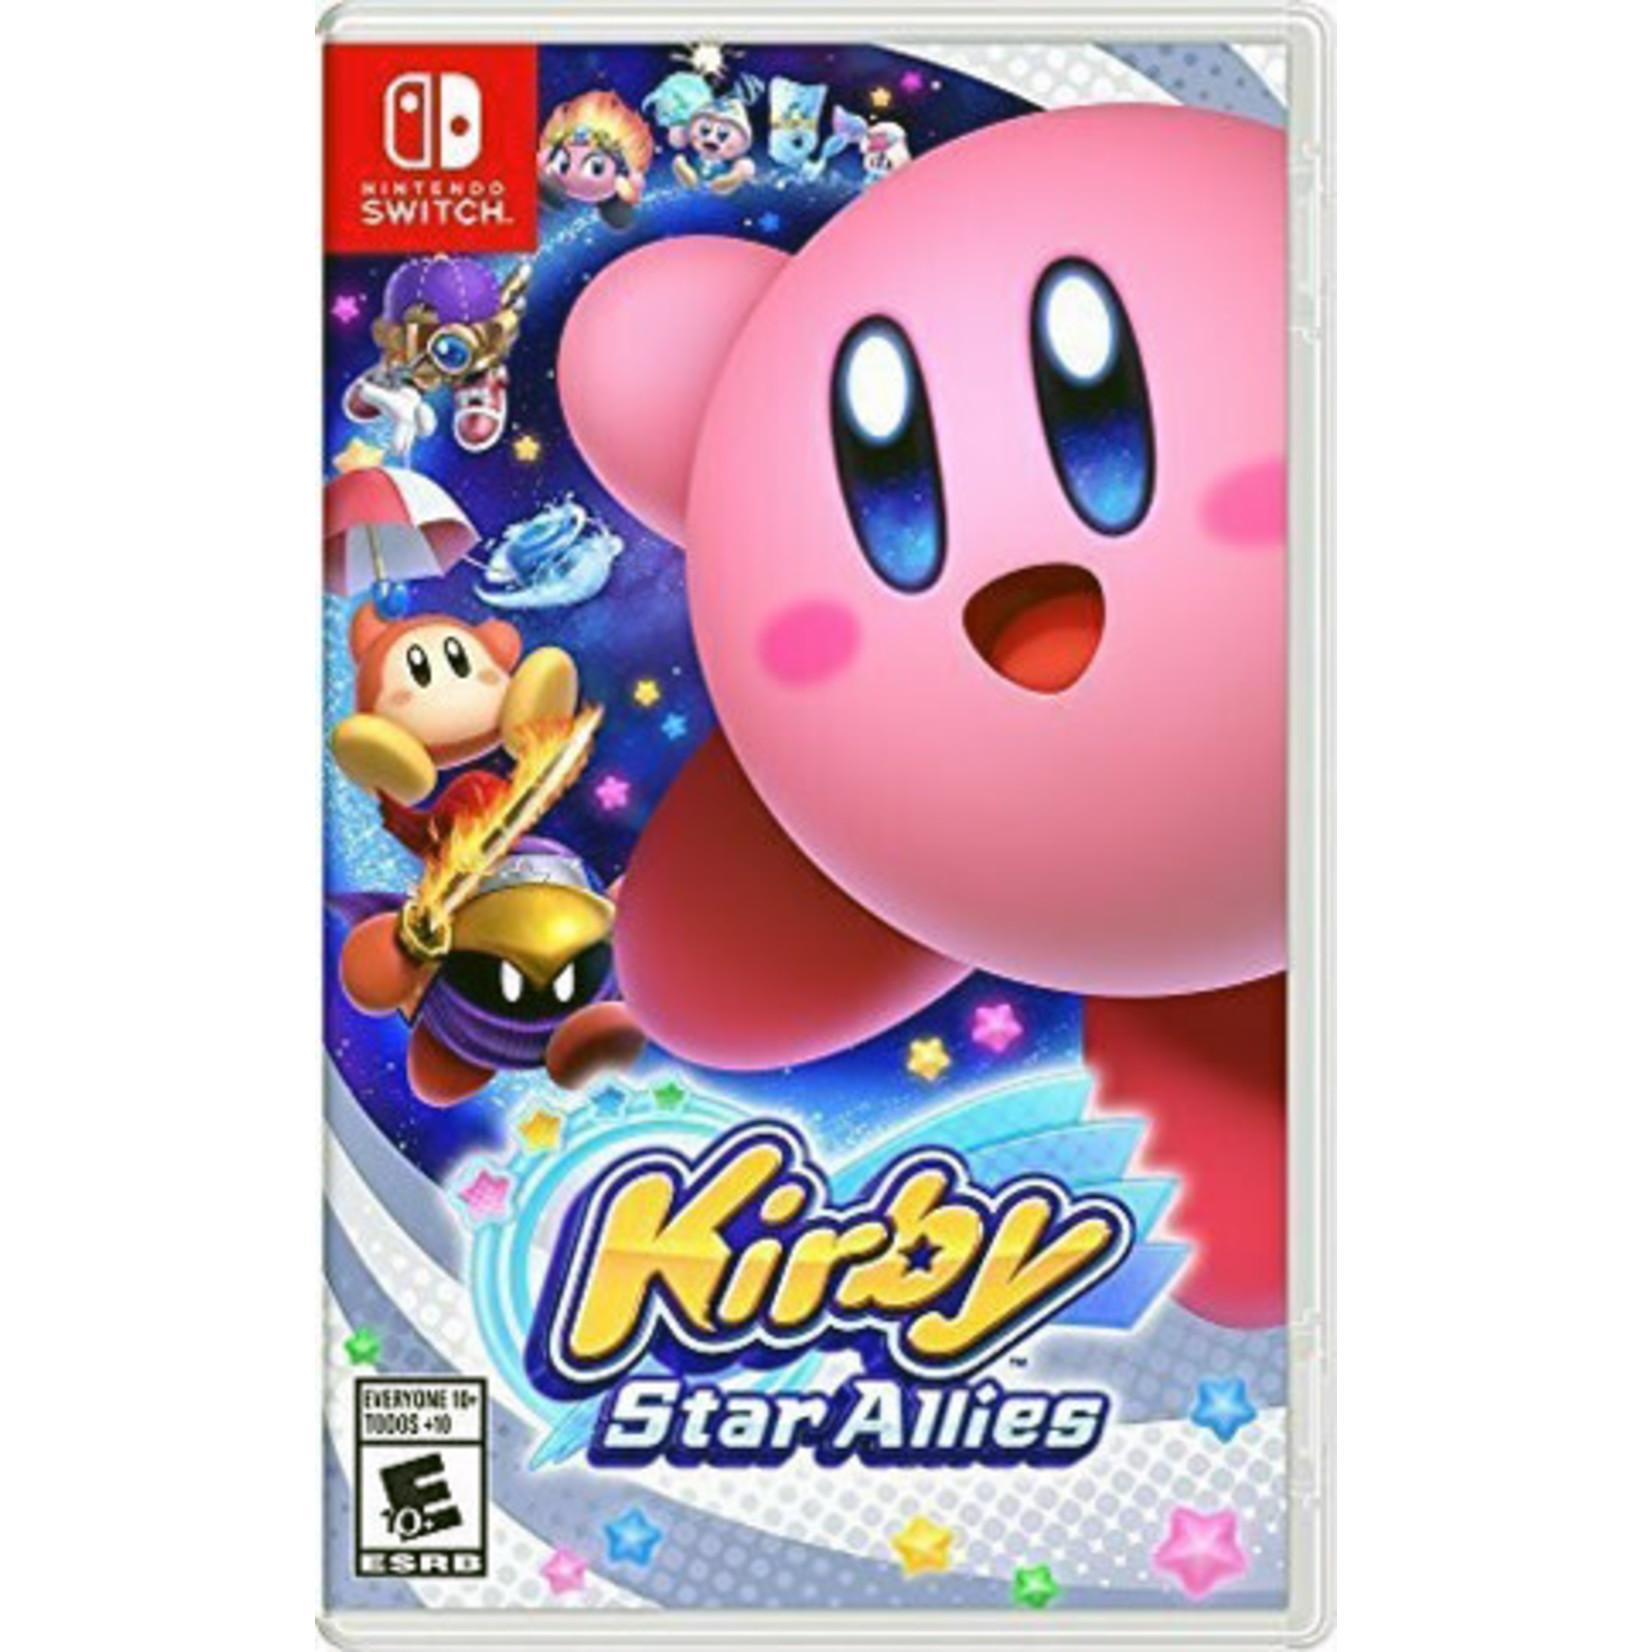 SWITCH-Kirby Star Allies